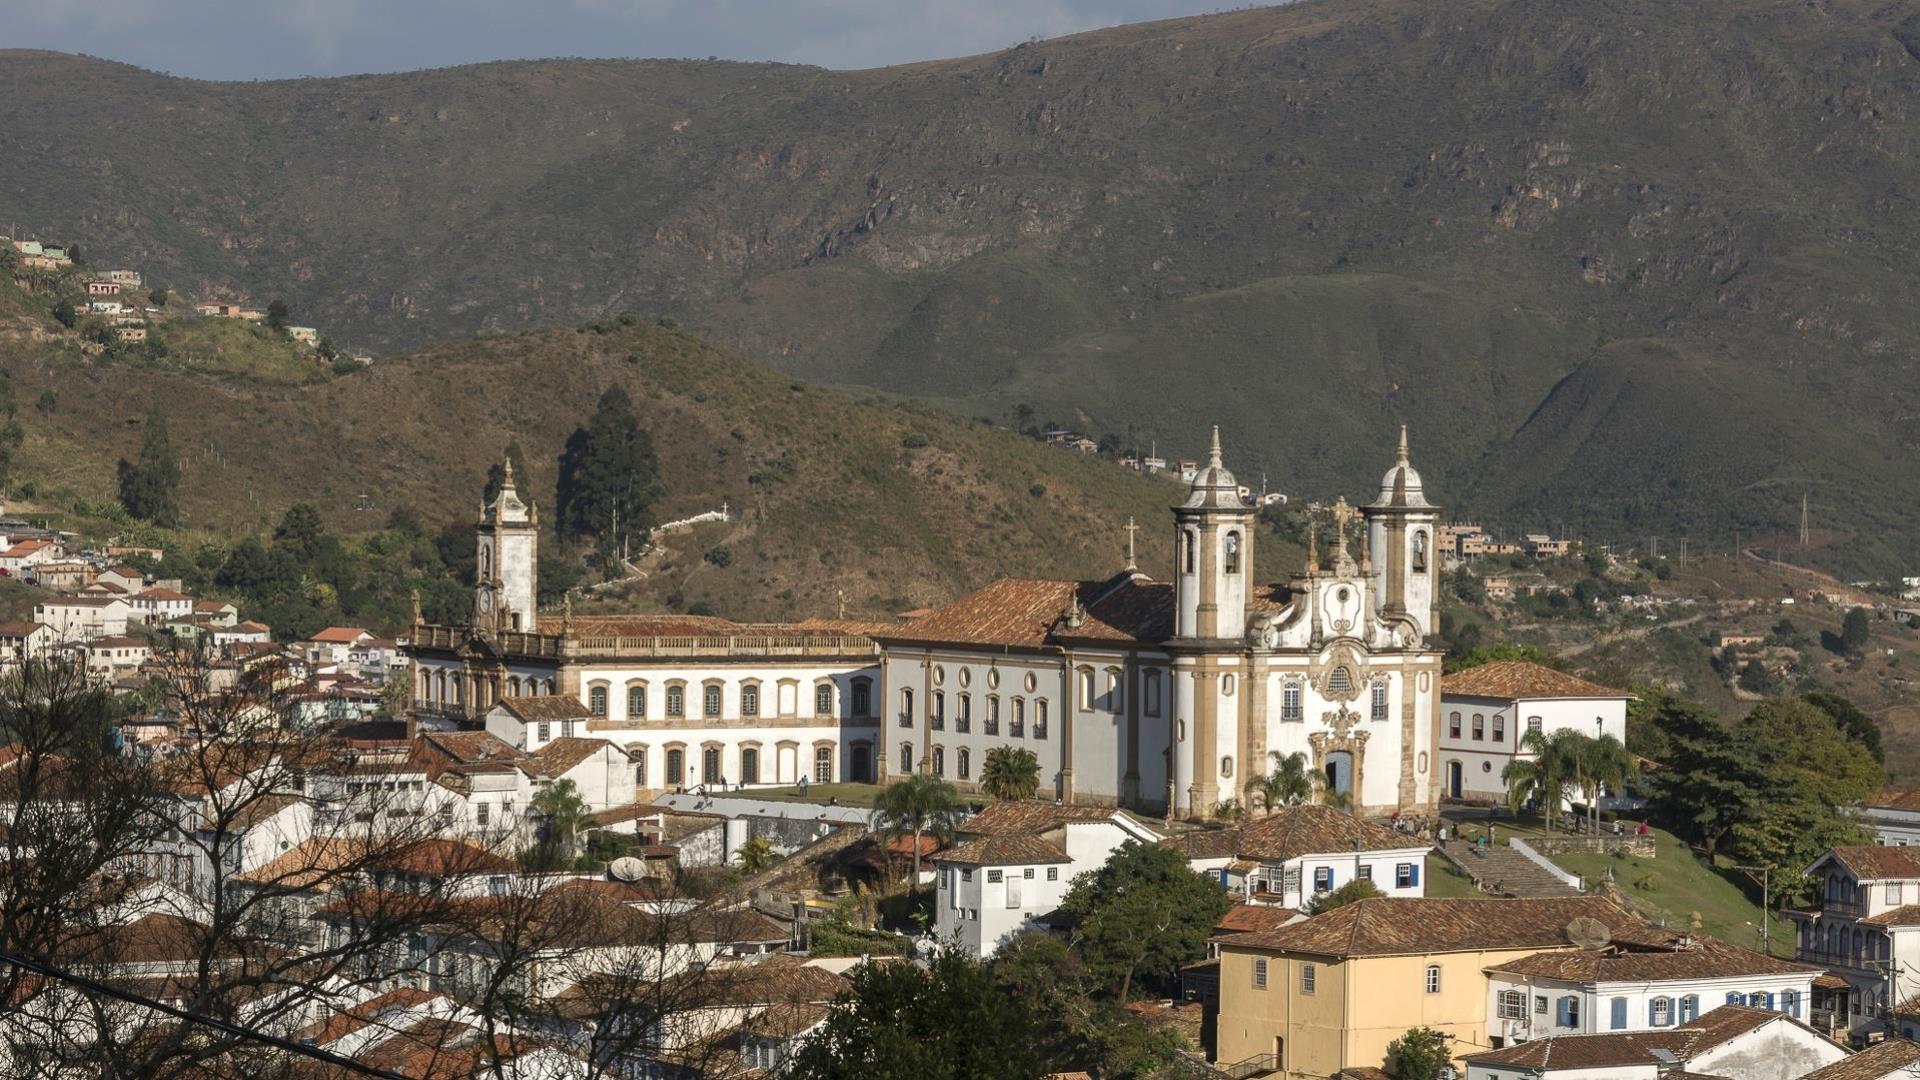 Brasilien Minas Gerais: 3 Tage Reisebaustein - Ouro Preto und Mariana klassisch erleben